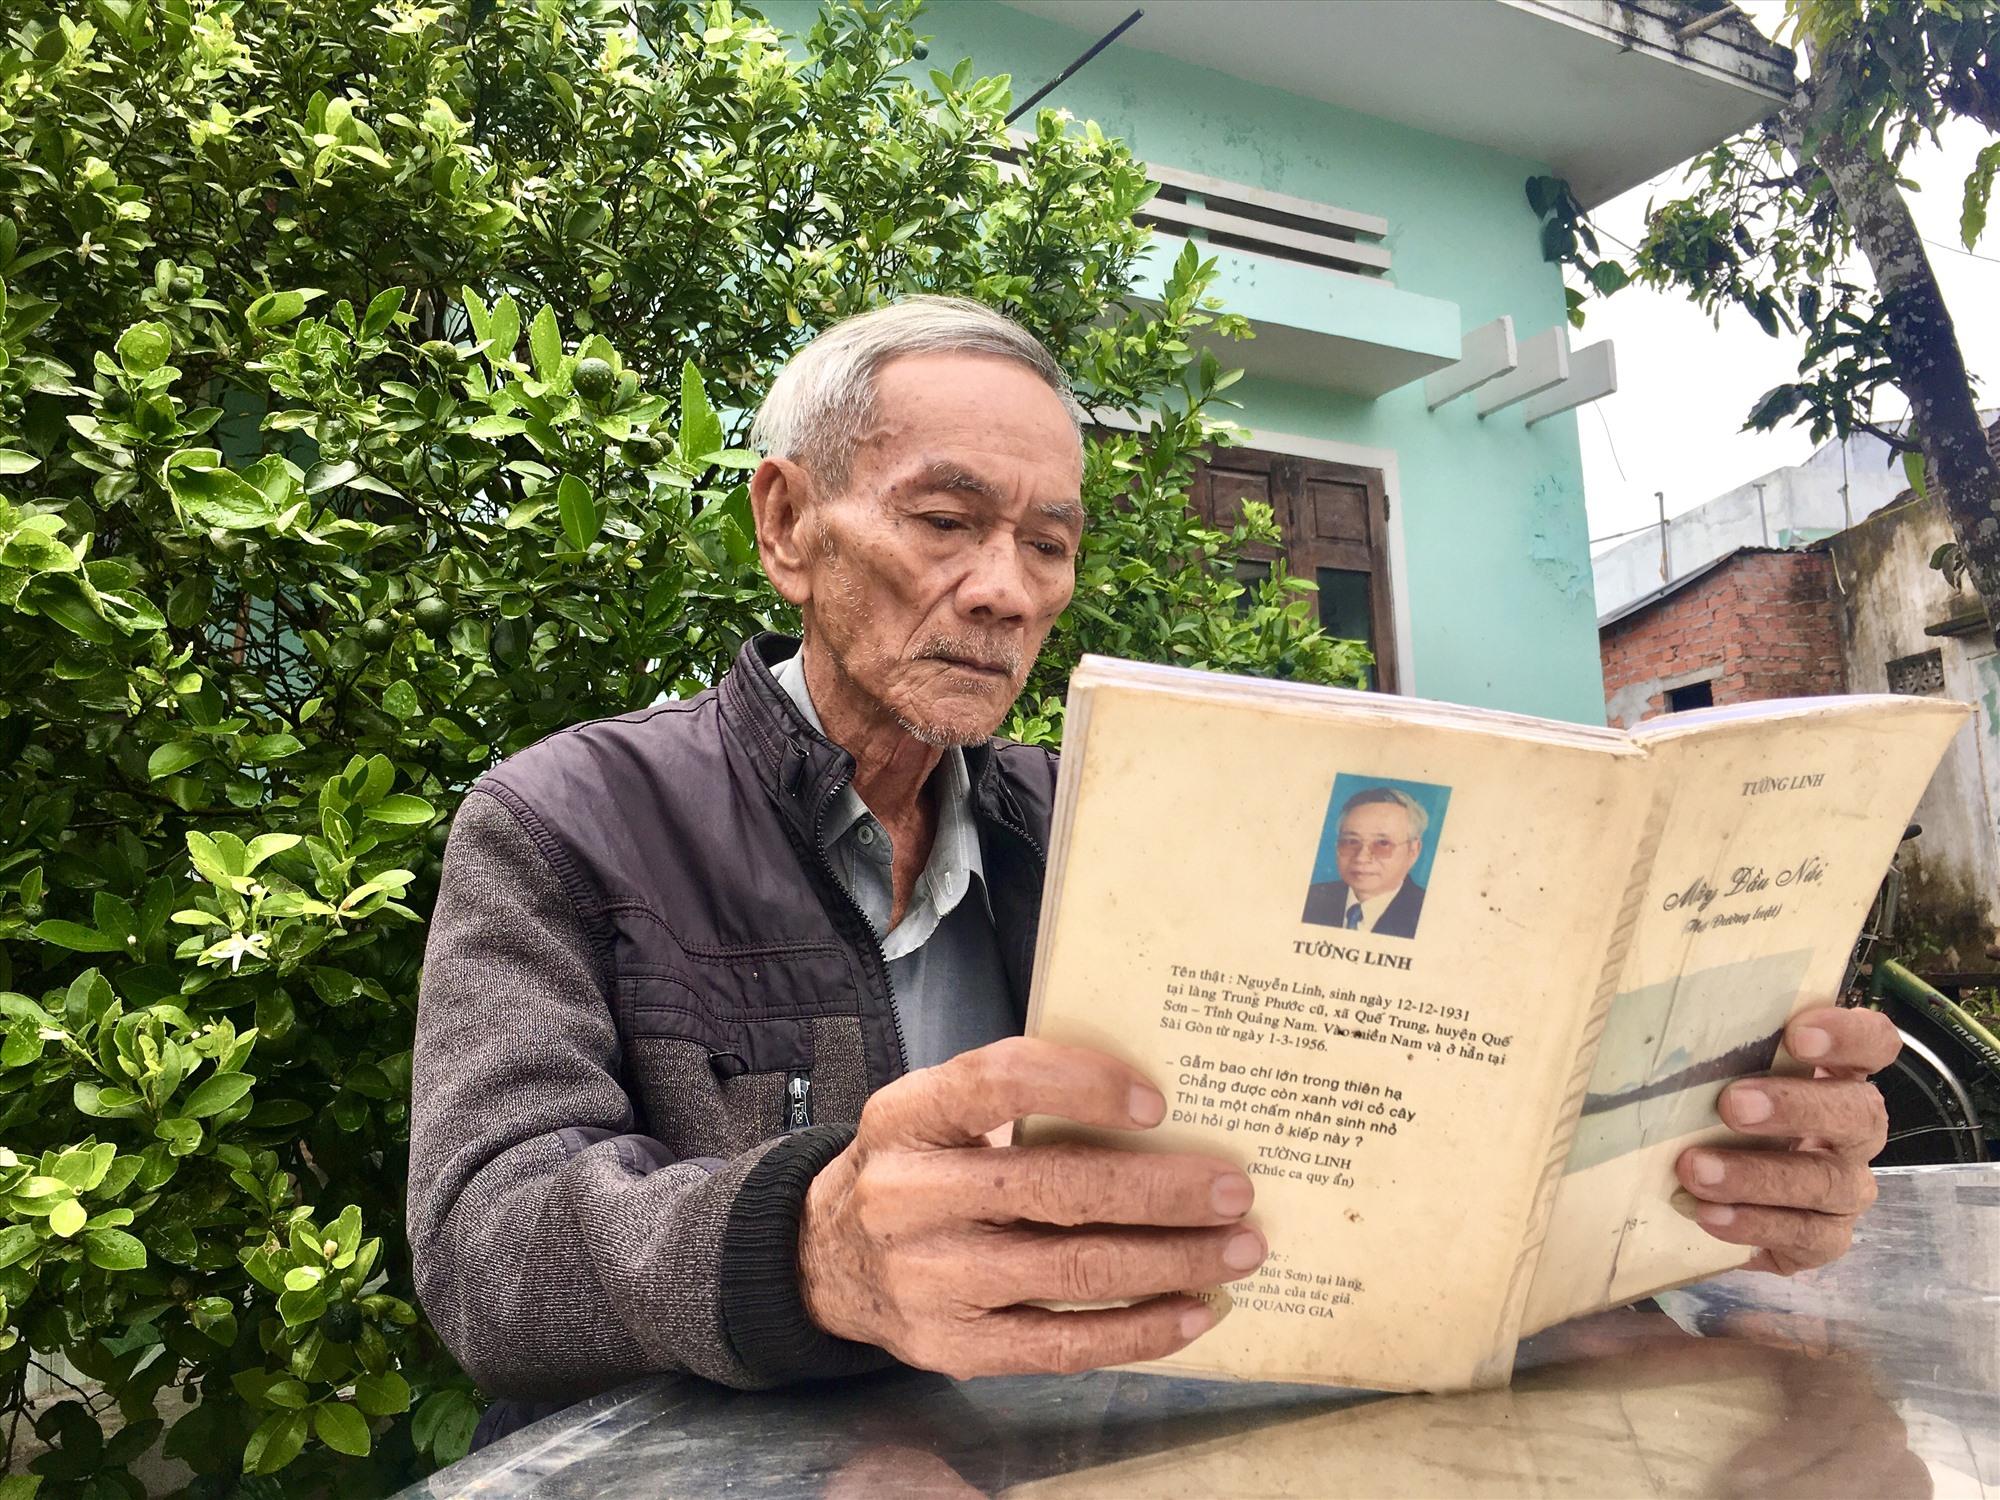 Ông Nguyễn Thời - em ruột nhà thơ Tường Linh hiện đang sống tại quê nhà Trung Phước. Ảnh: M.T